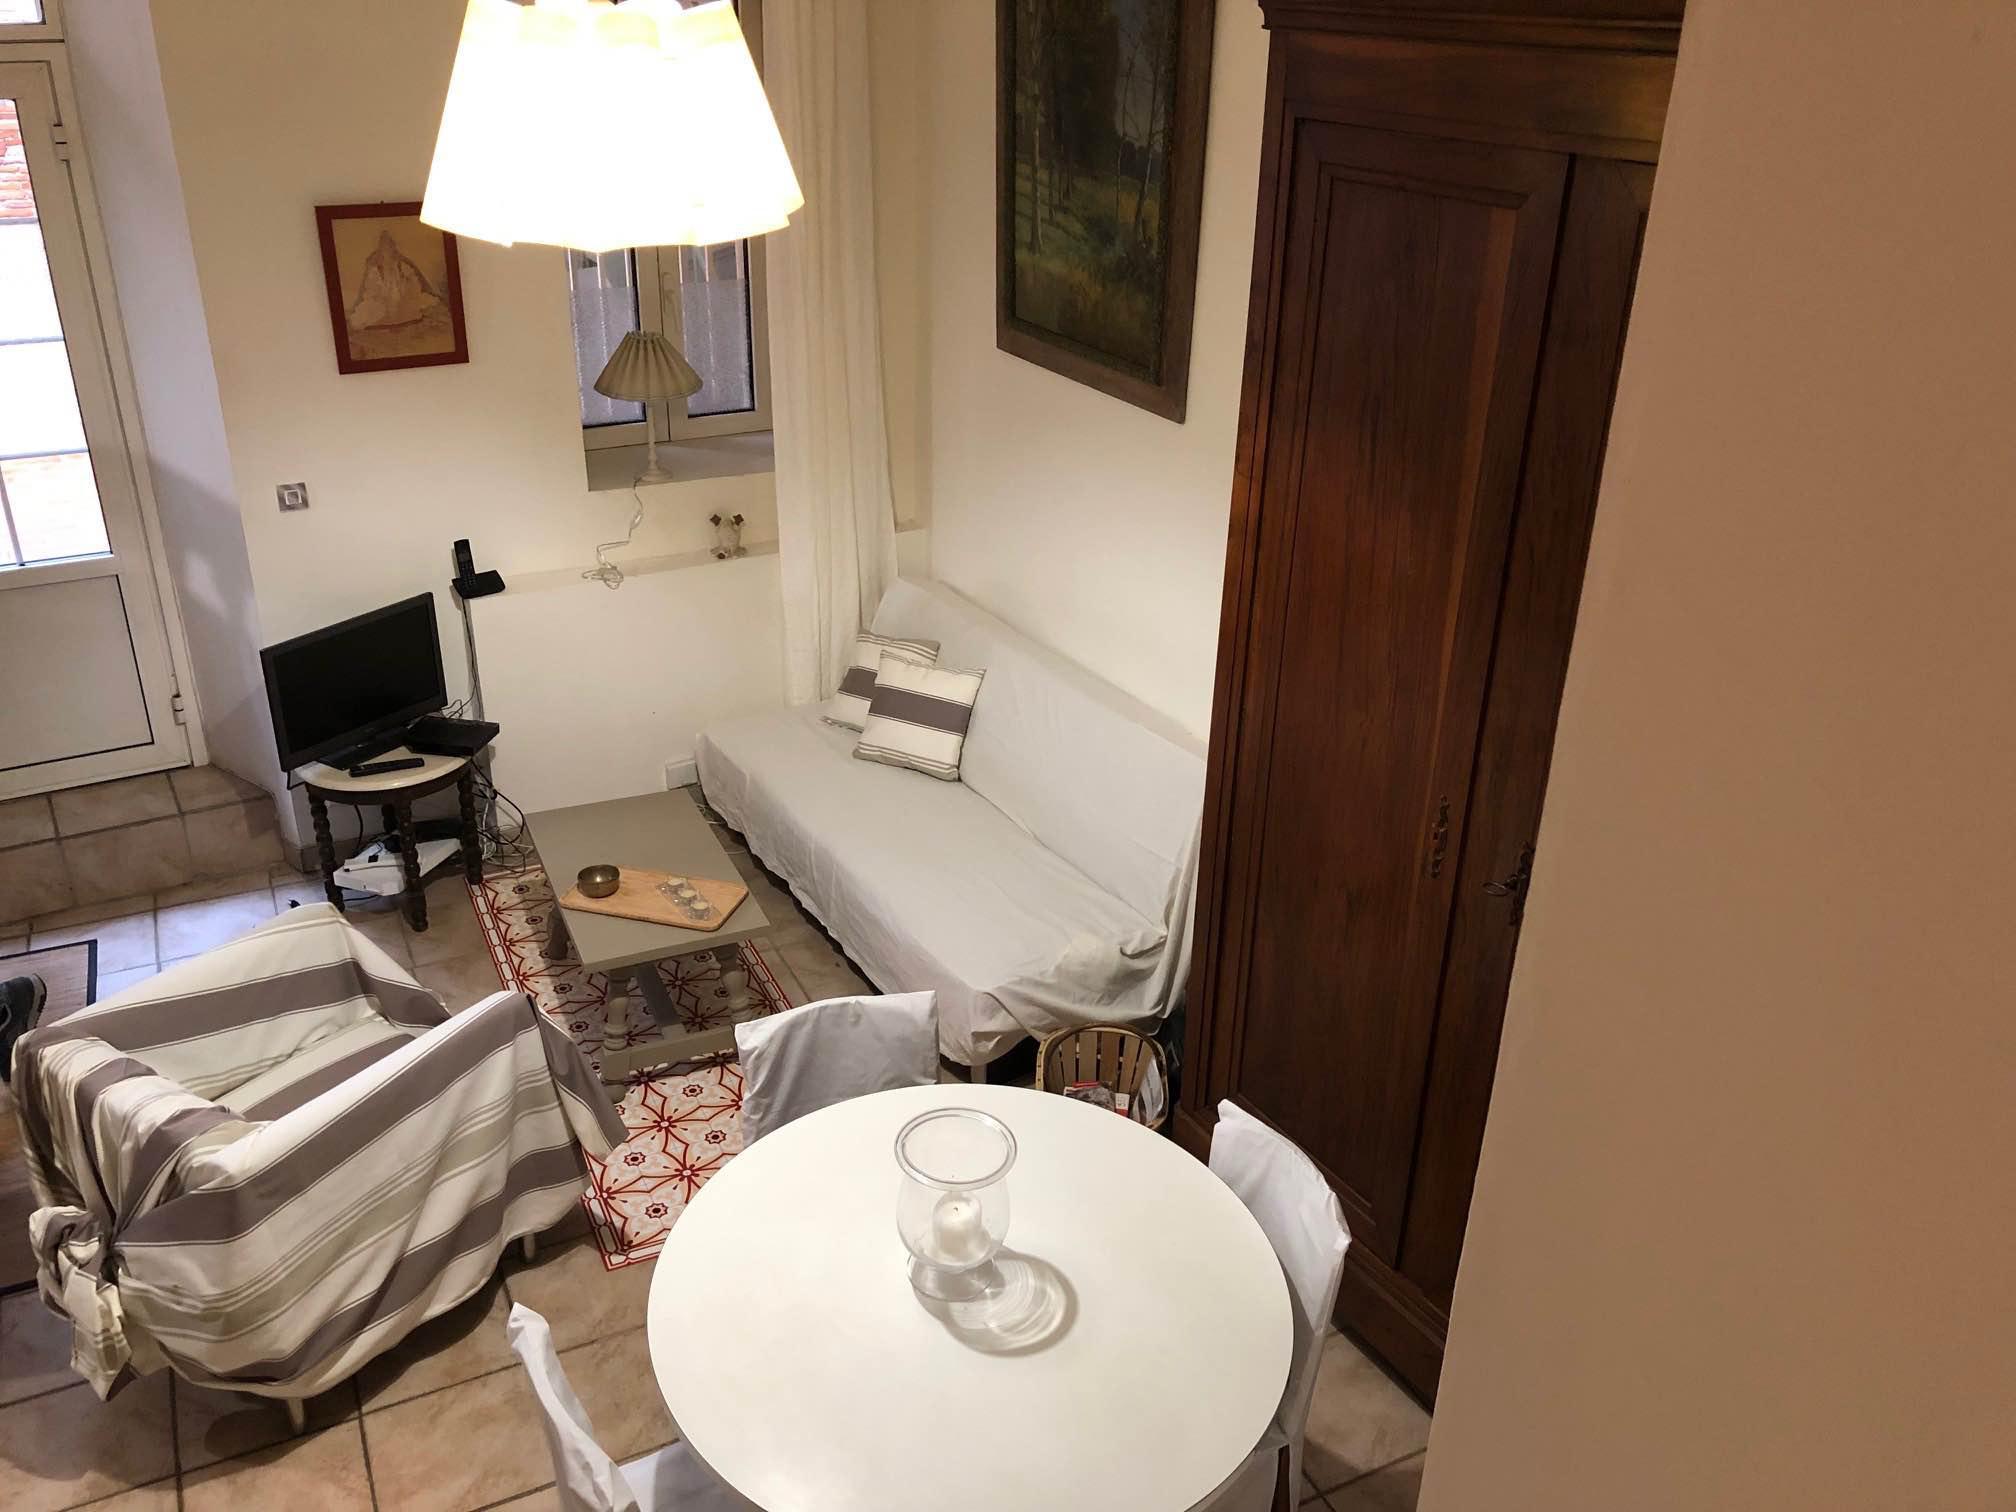 T1 Bis Rez-de-chaussée 45 m2 TOULOUSE Rue des Blanchers Hyper centre Métro A Esquirol (7) - 7_01.jpg